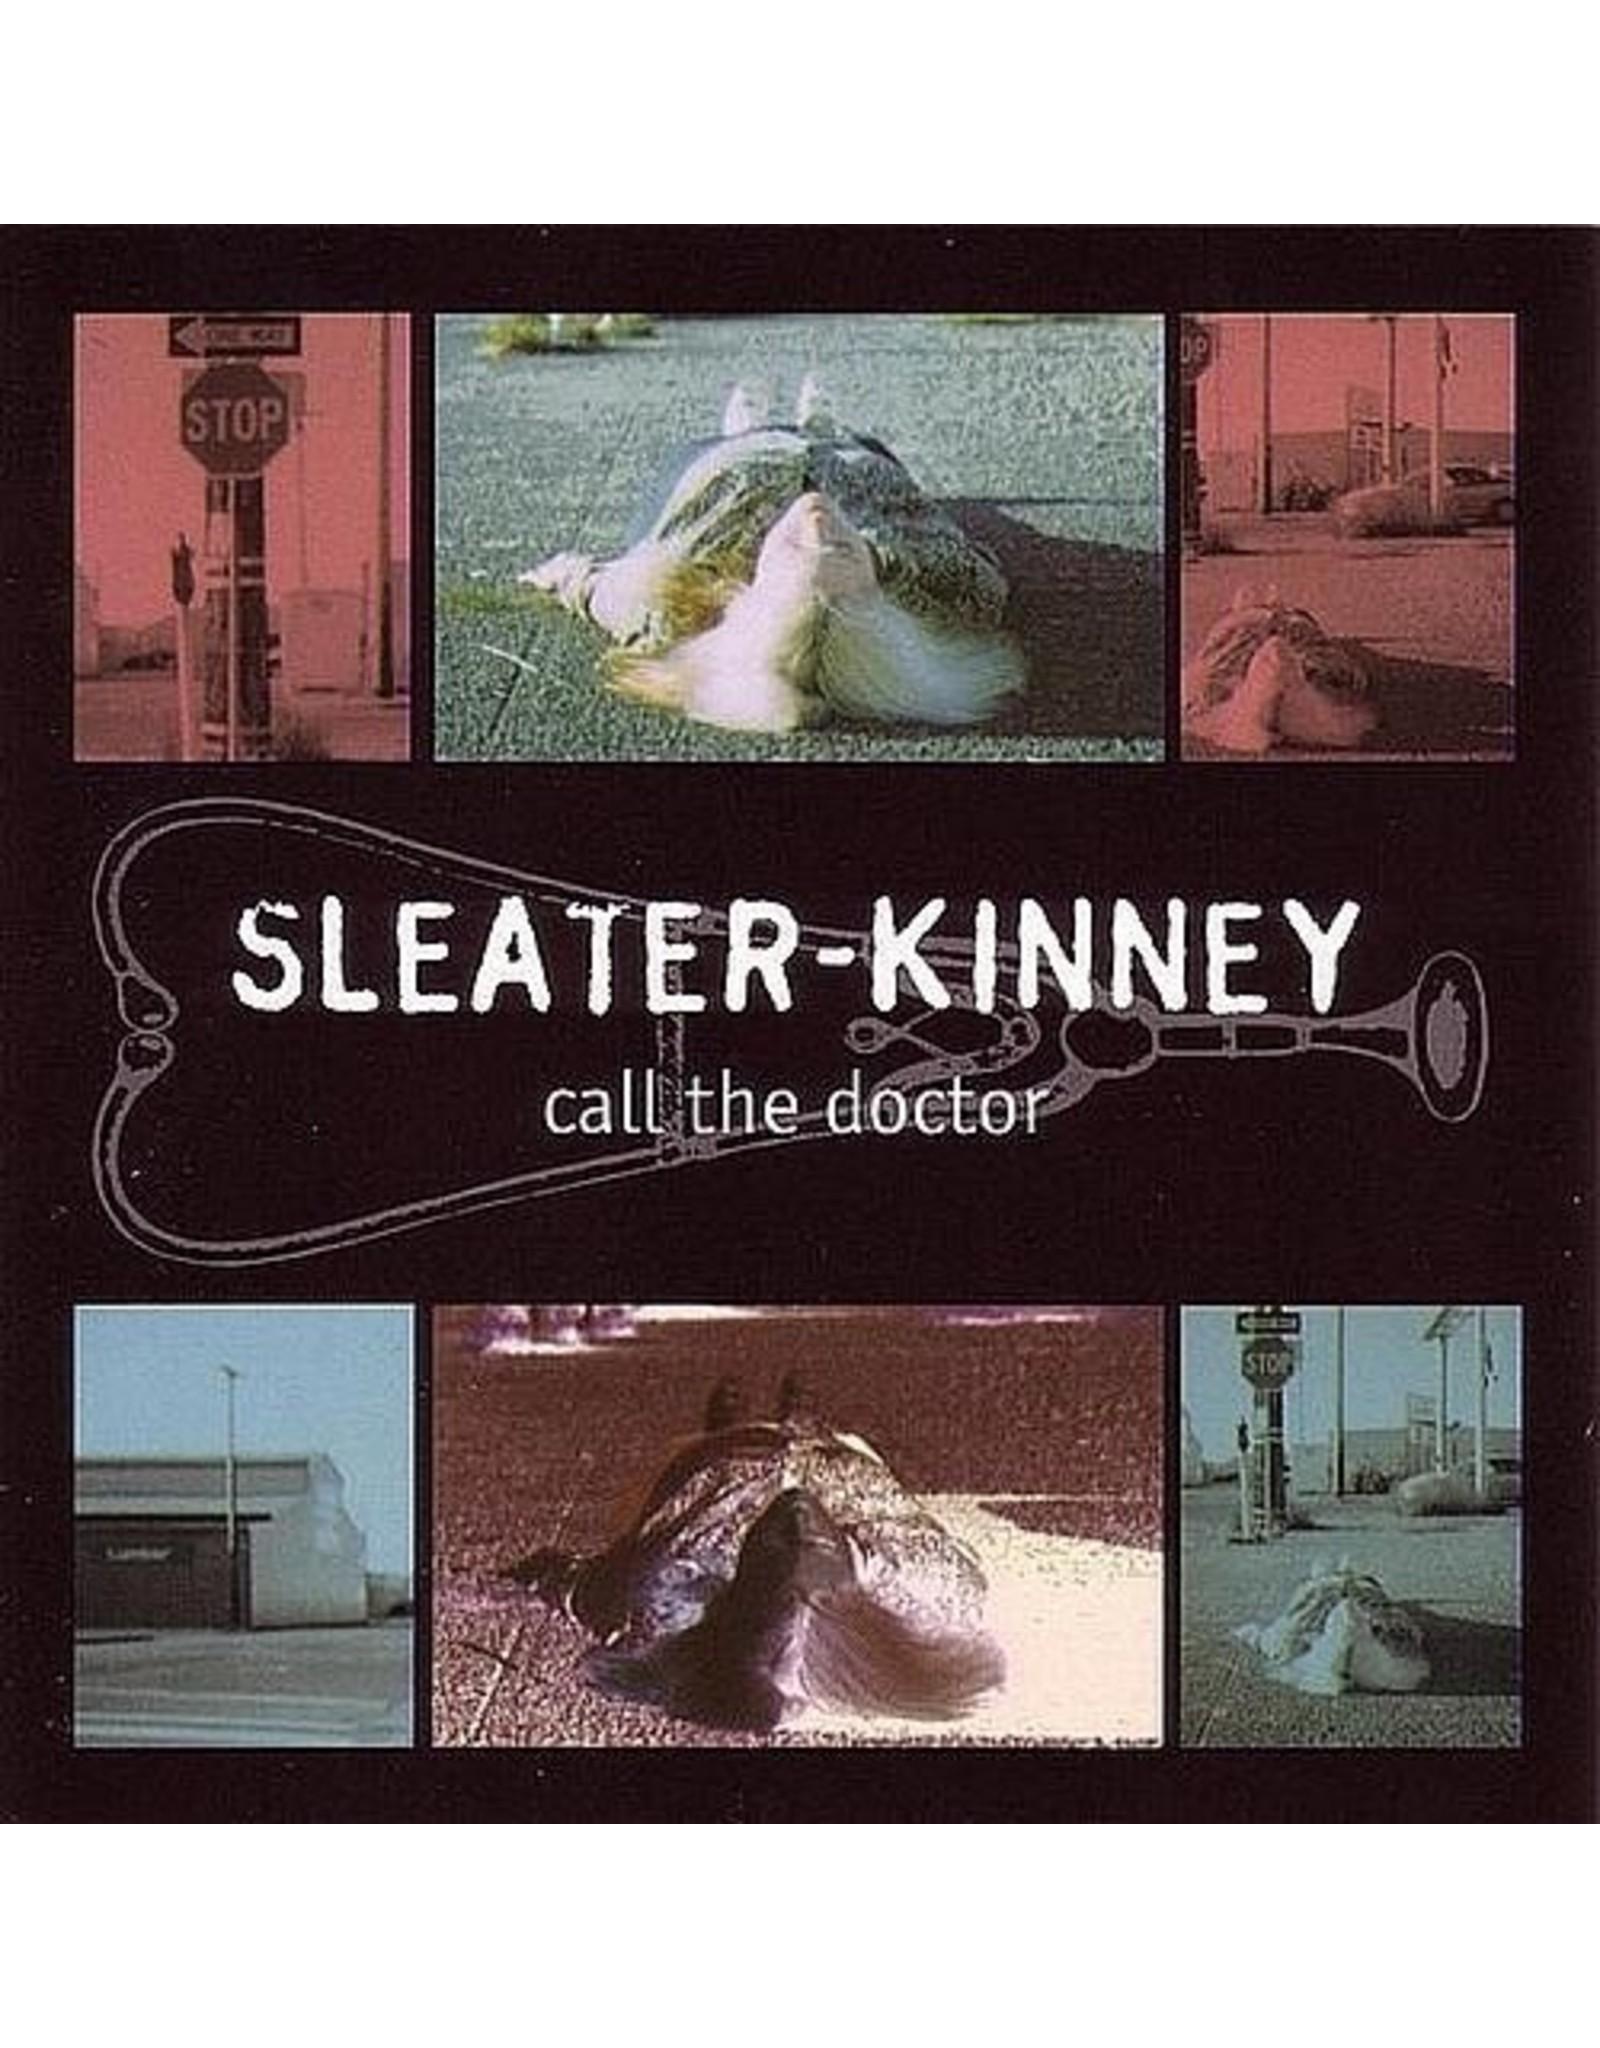 New Vinyl Sleater-Kinney - Call The Doctor LP